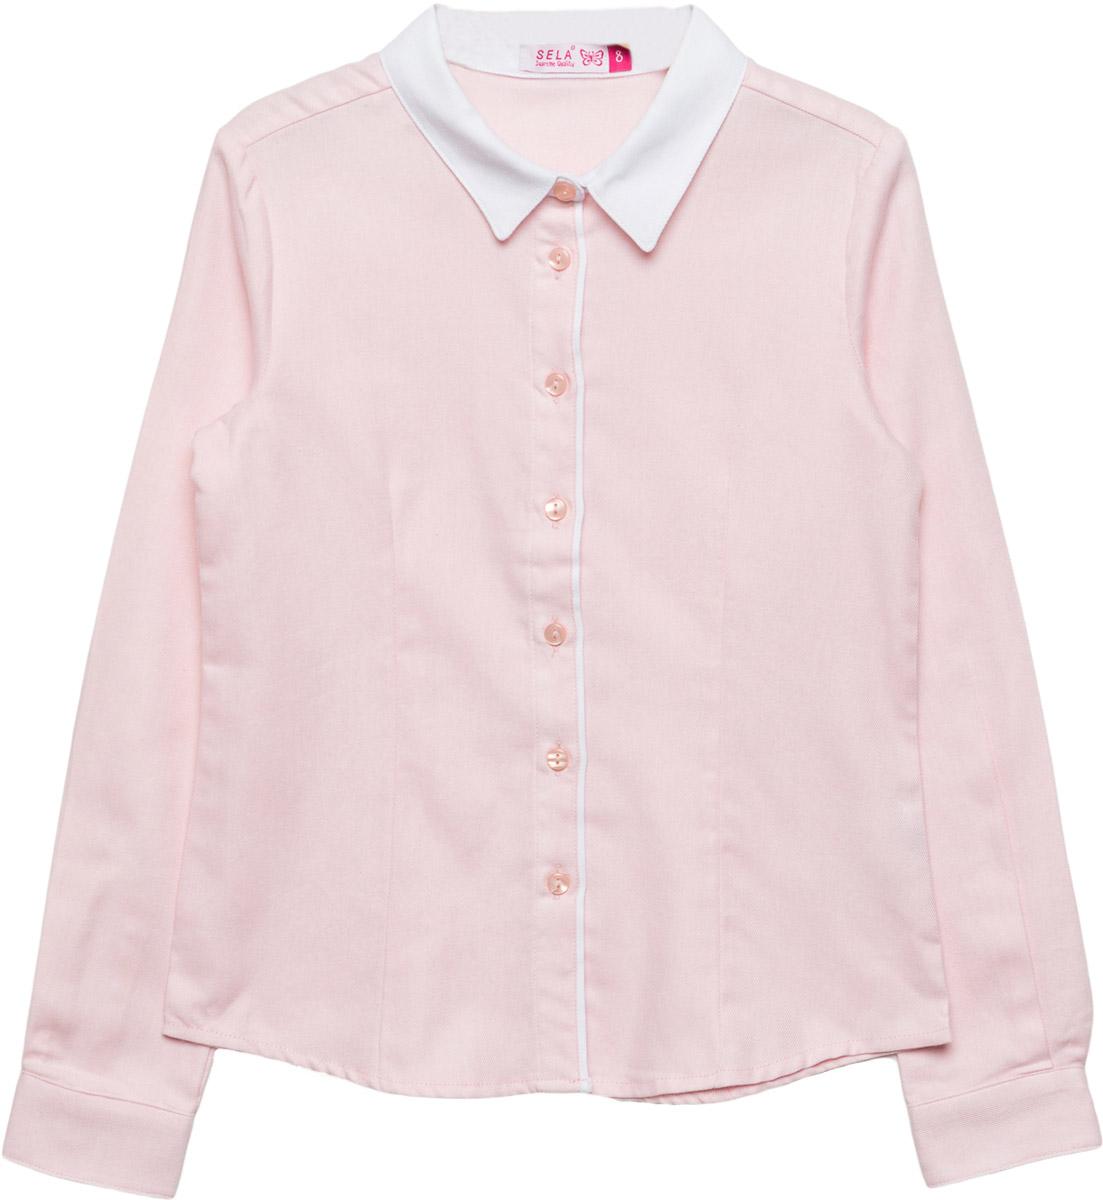 Блузка для девочки Sela, цвет: розовый. B-612/860-7320. Размер 146, 11 летB-612/860-7320Классическая блузка Sela для девочки выполнена из высококачественного материала. Модель с отложным воротником и длинными рукавами застегивается на пуговицы.